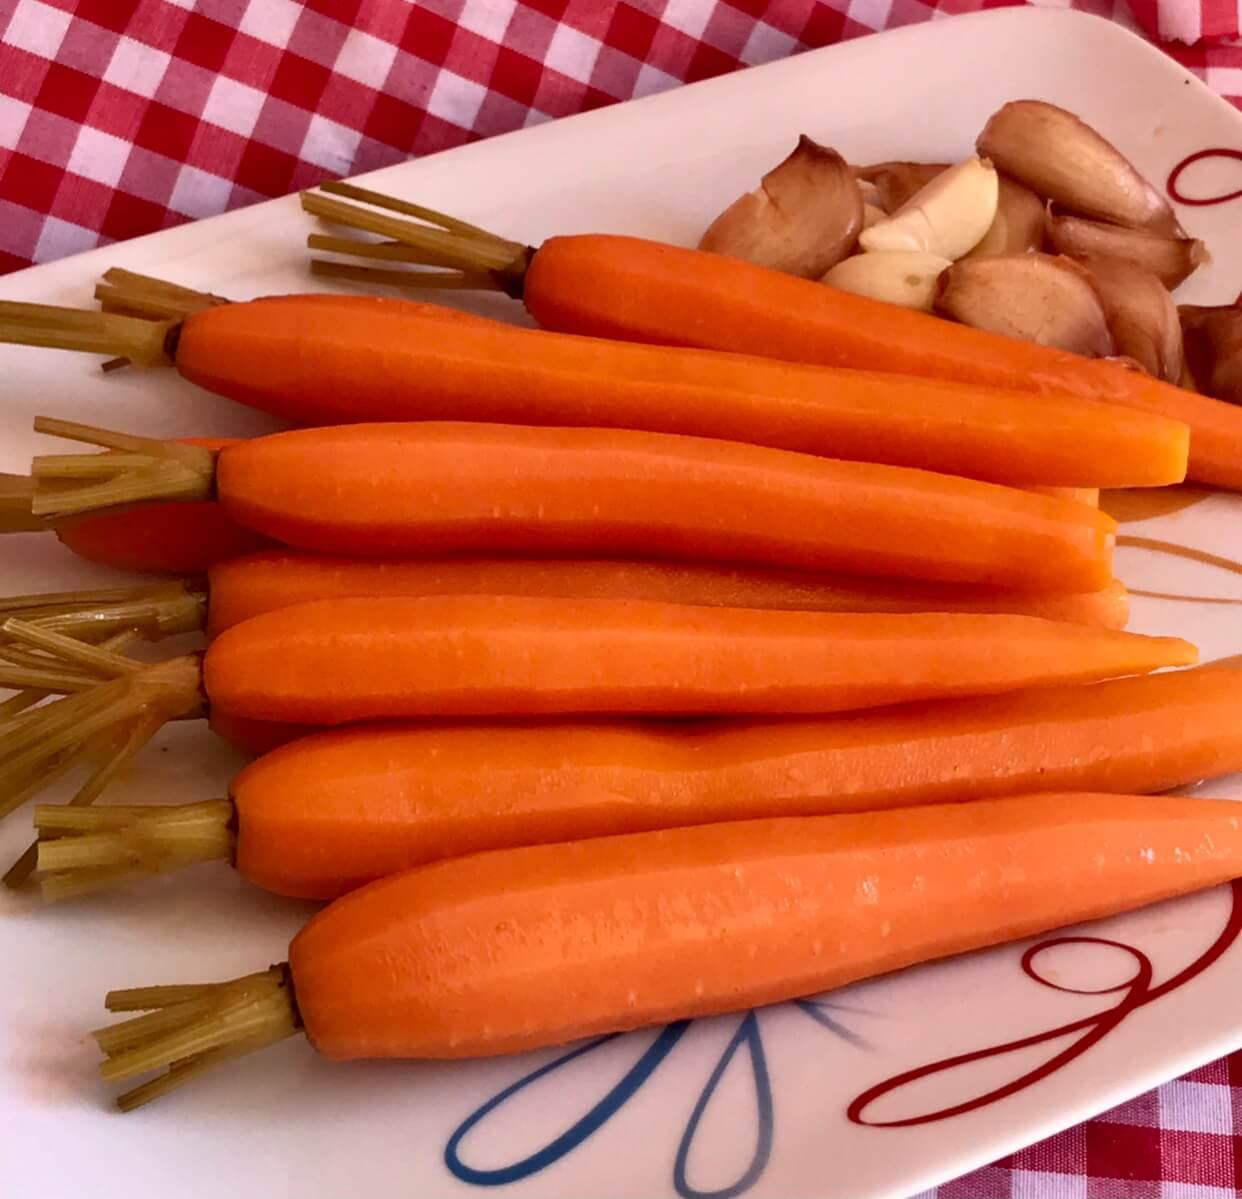 Receta de zanahorias en escabeche